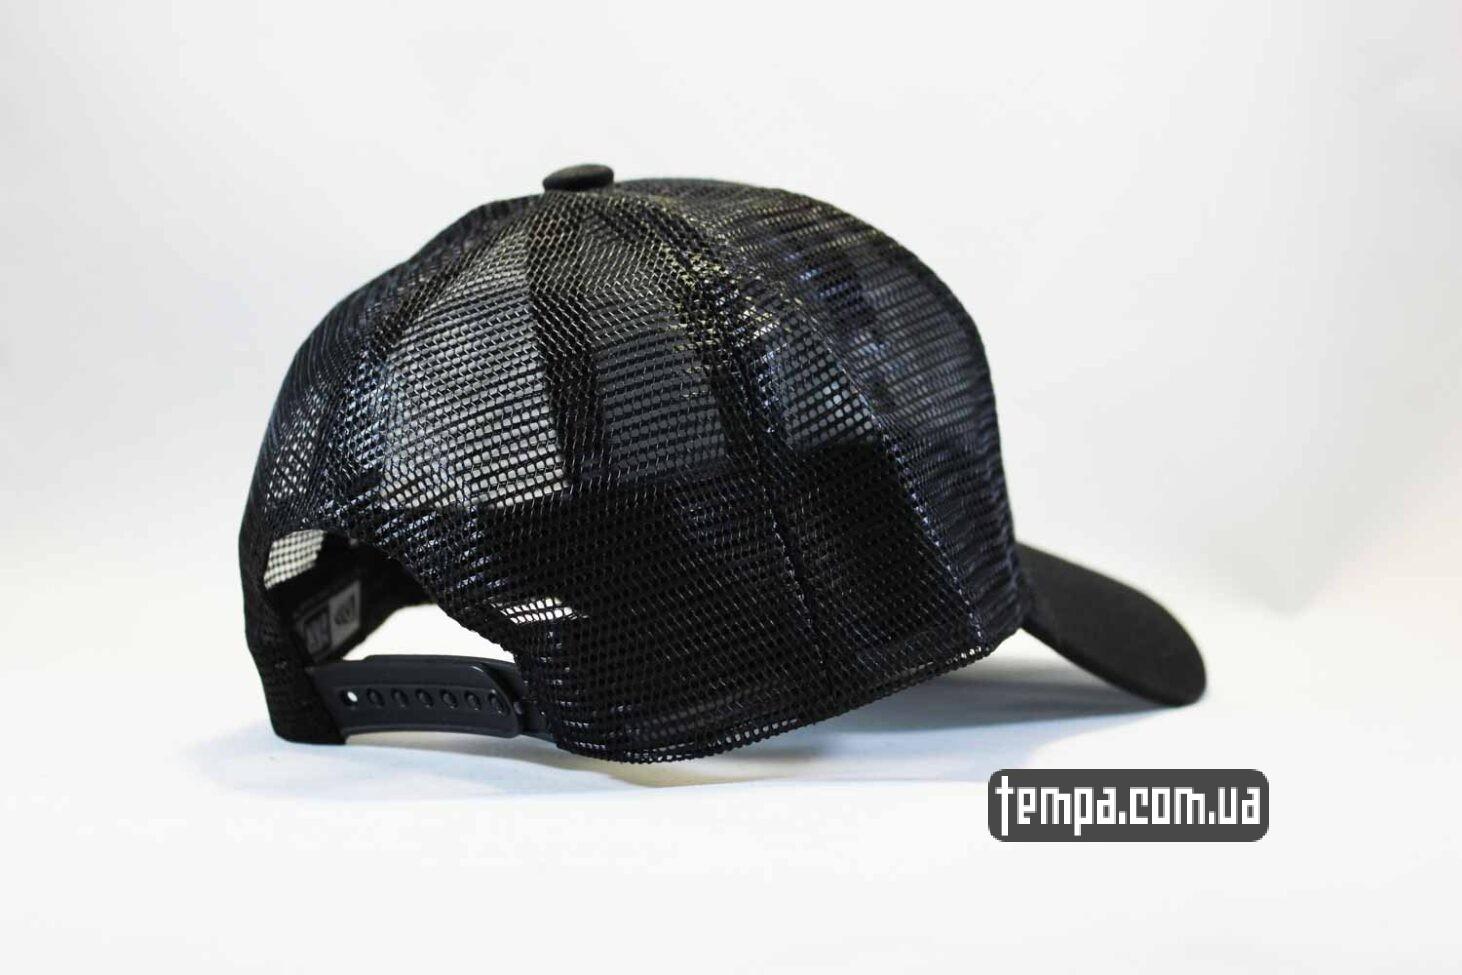 круглый козырек кепка бейсболка trucker LA Los Angeles New Era черная сеточка